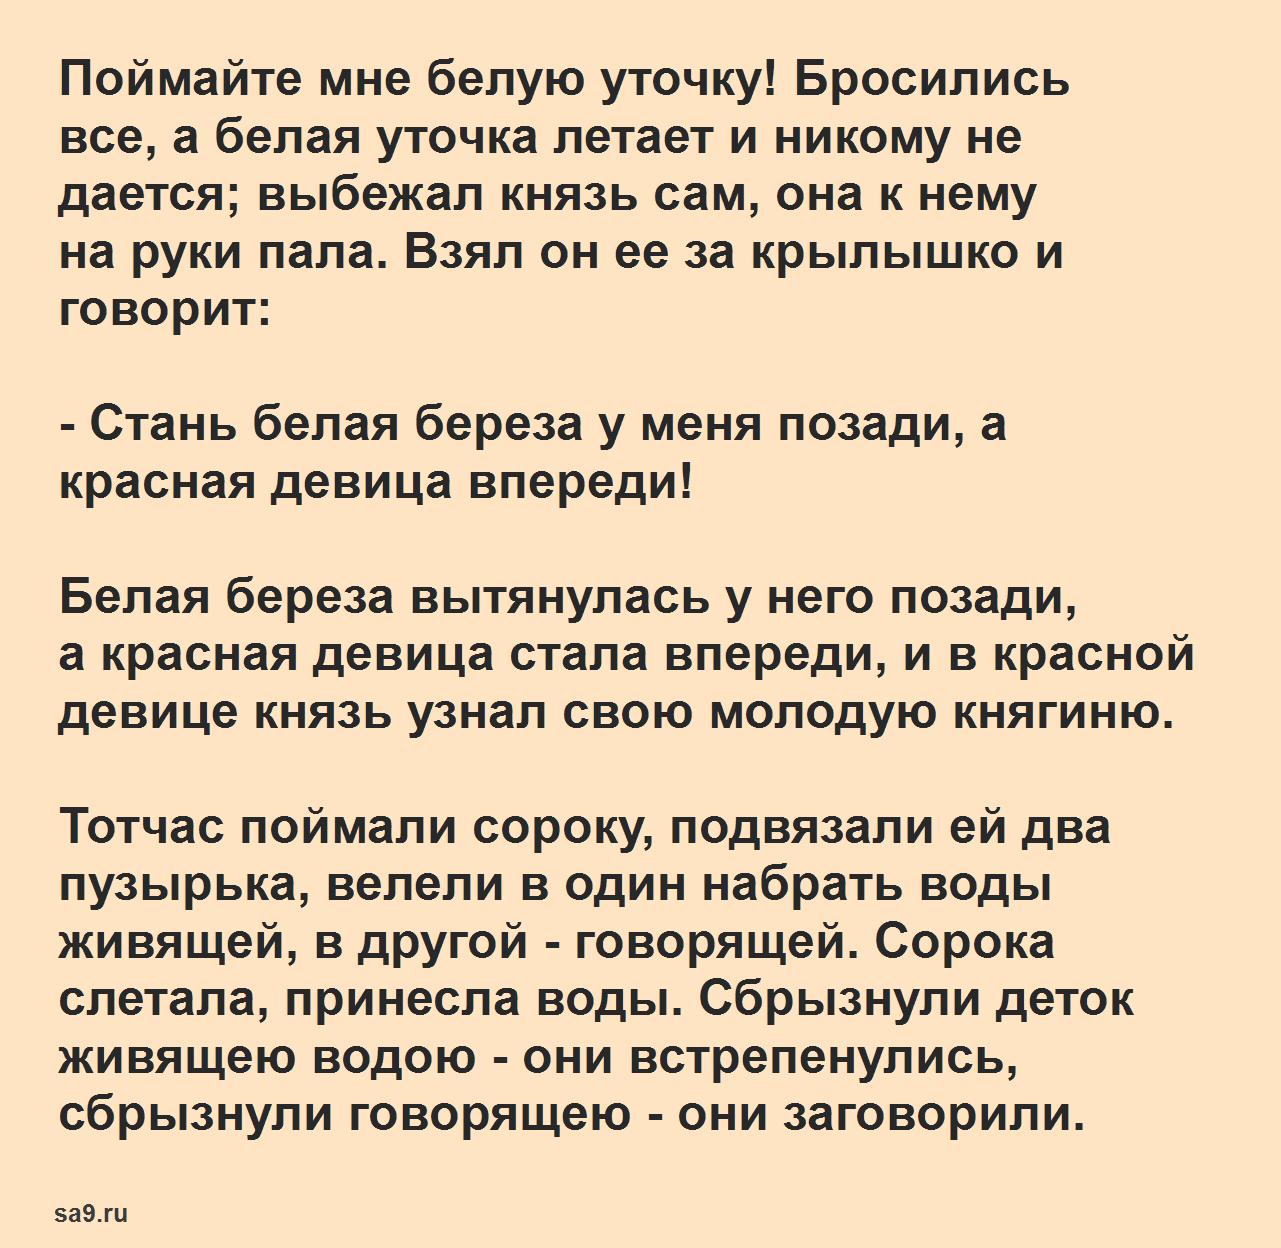 Русская народная сказка - Белая уточка, читать онлайн бесплатно